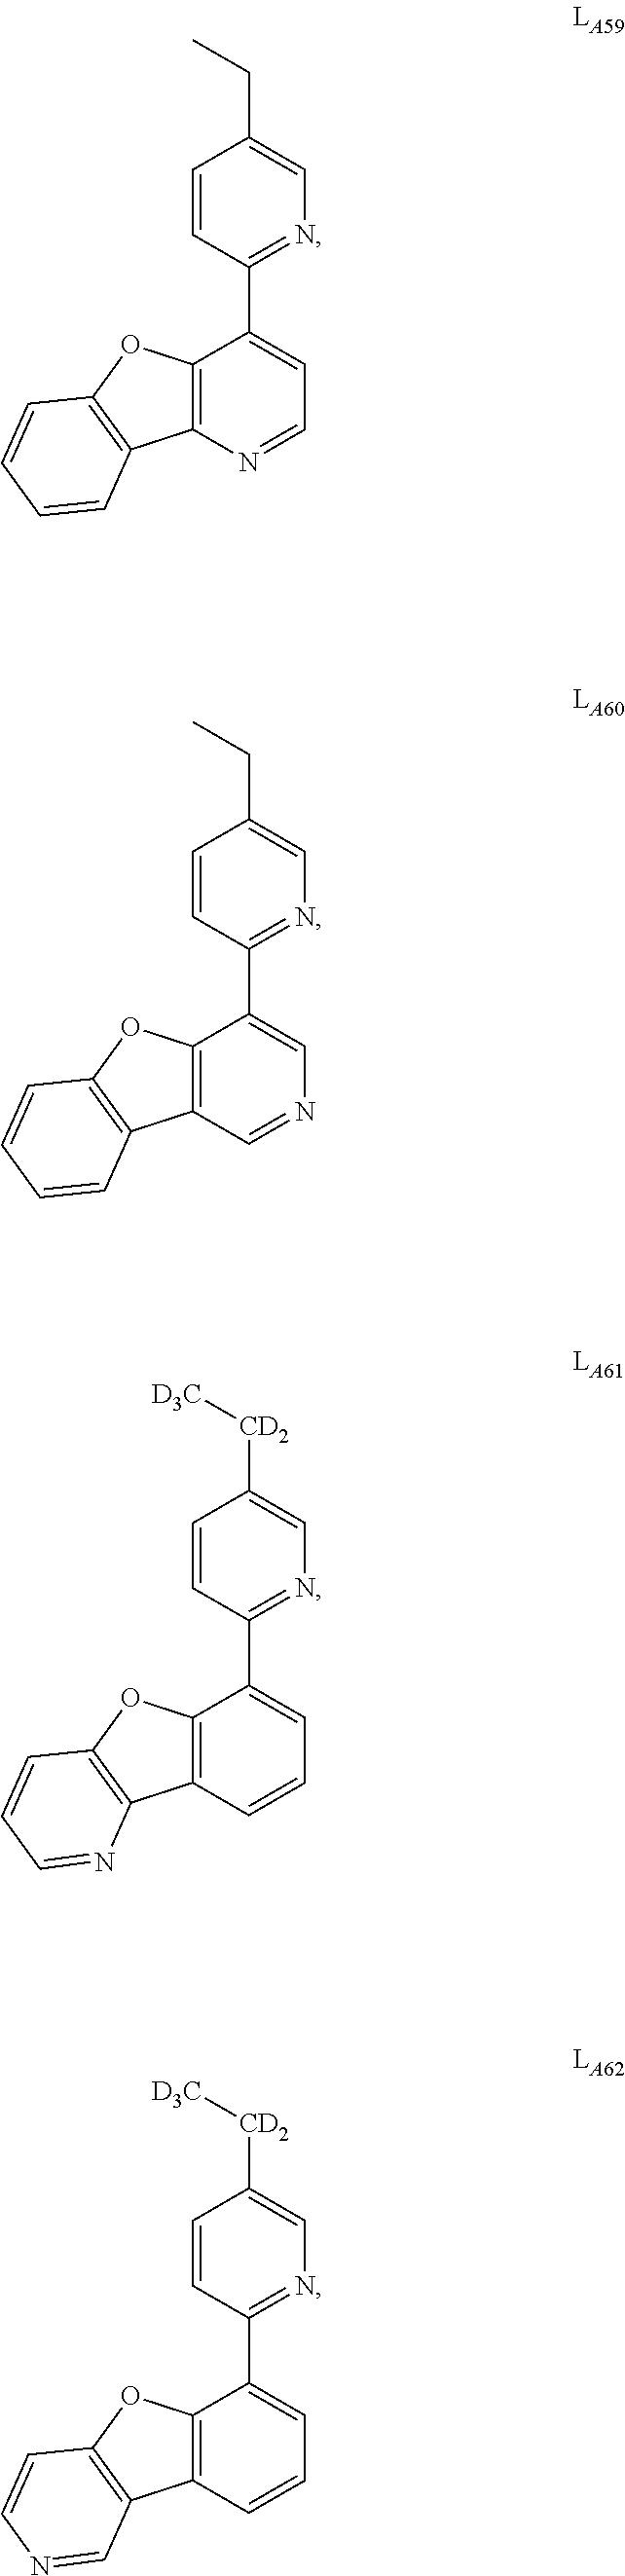 Figure US09634264-20170425-C00062